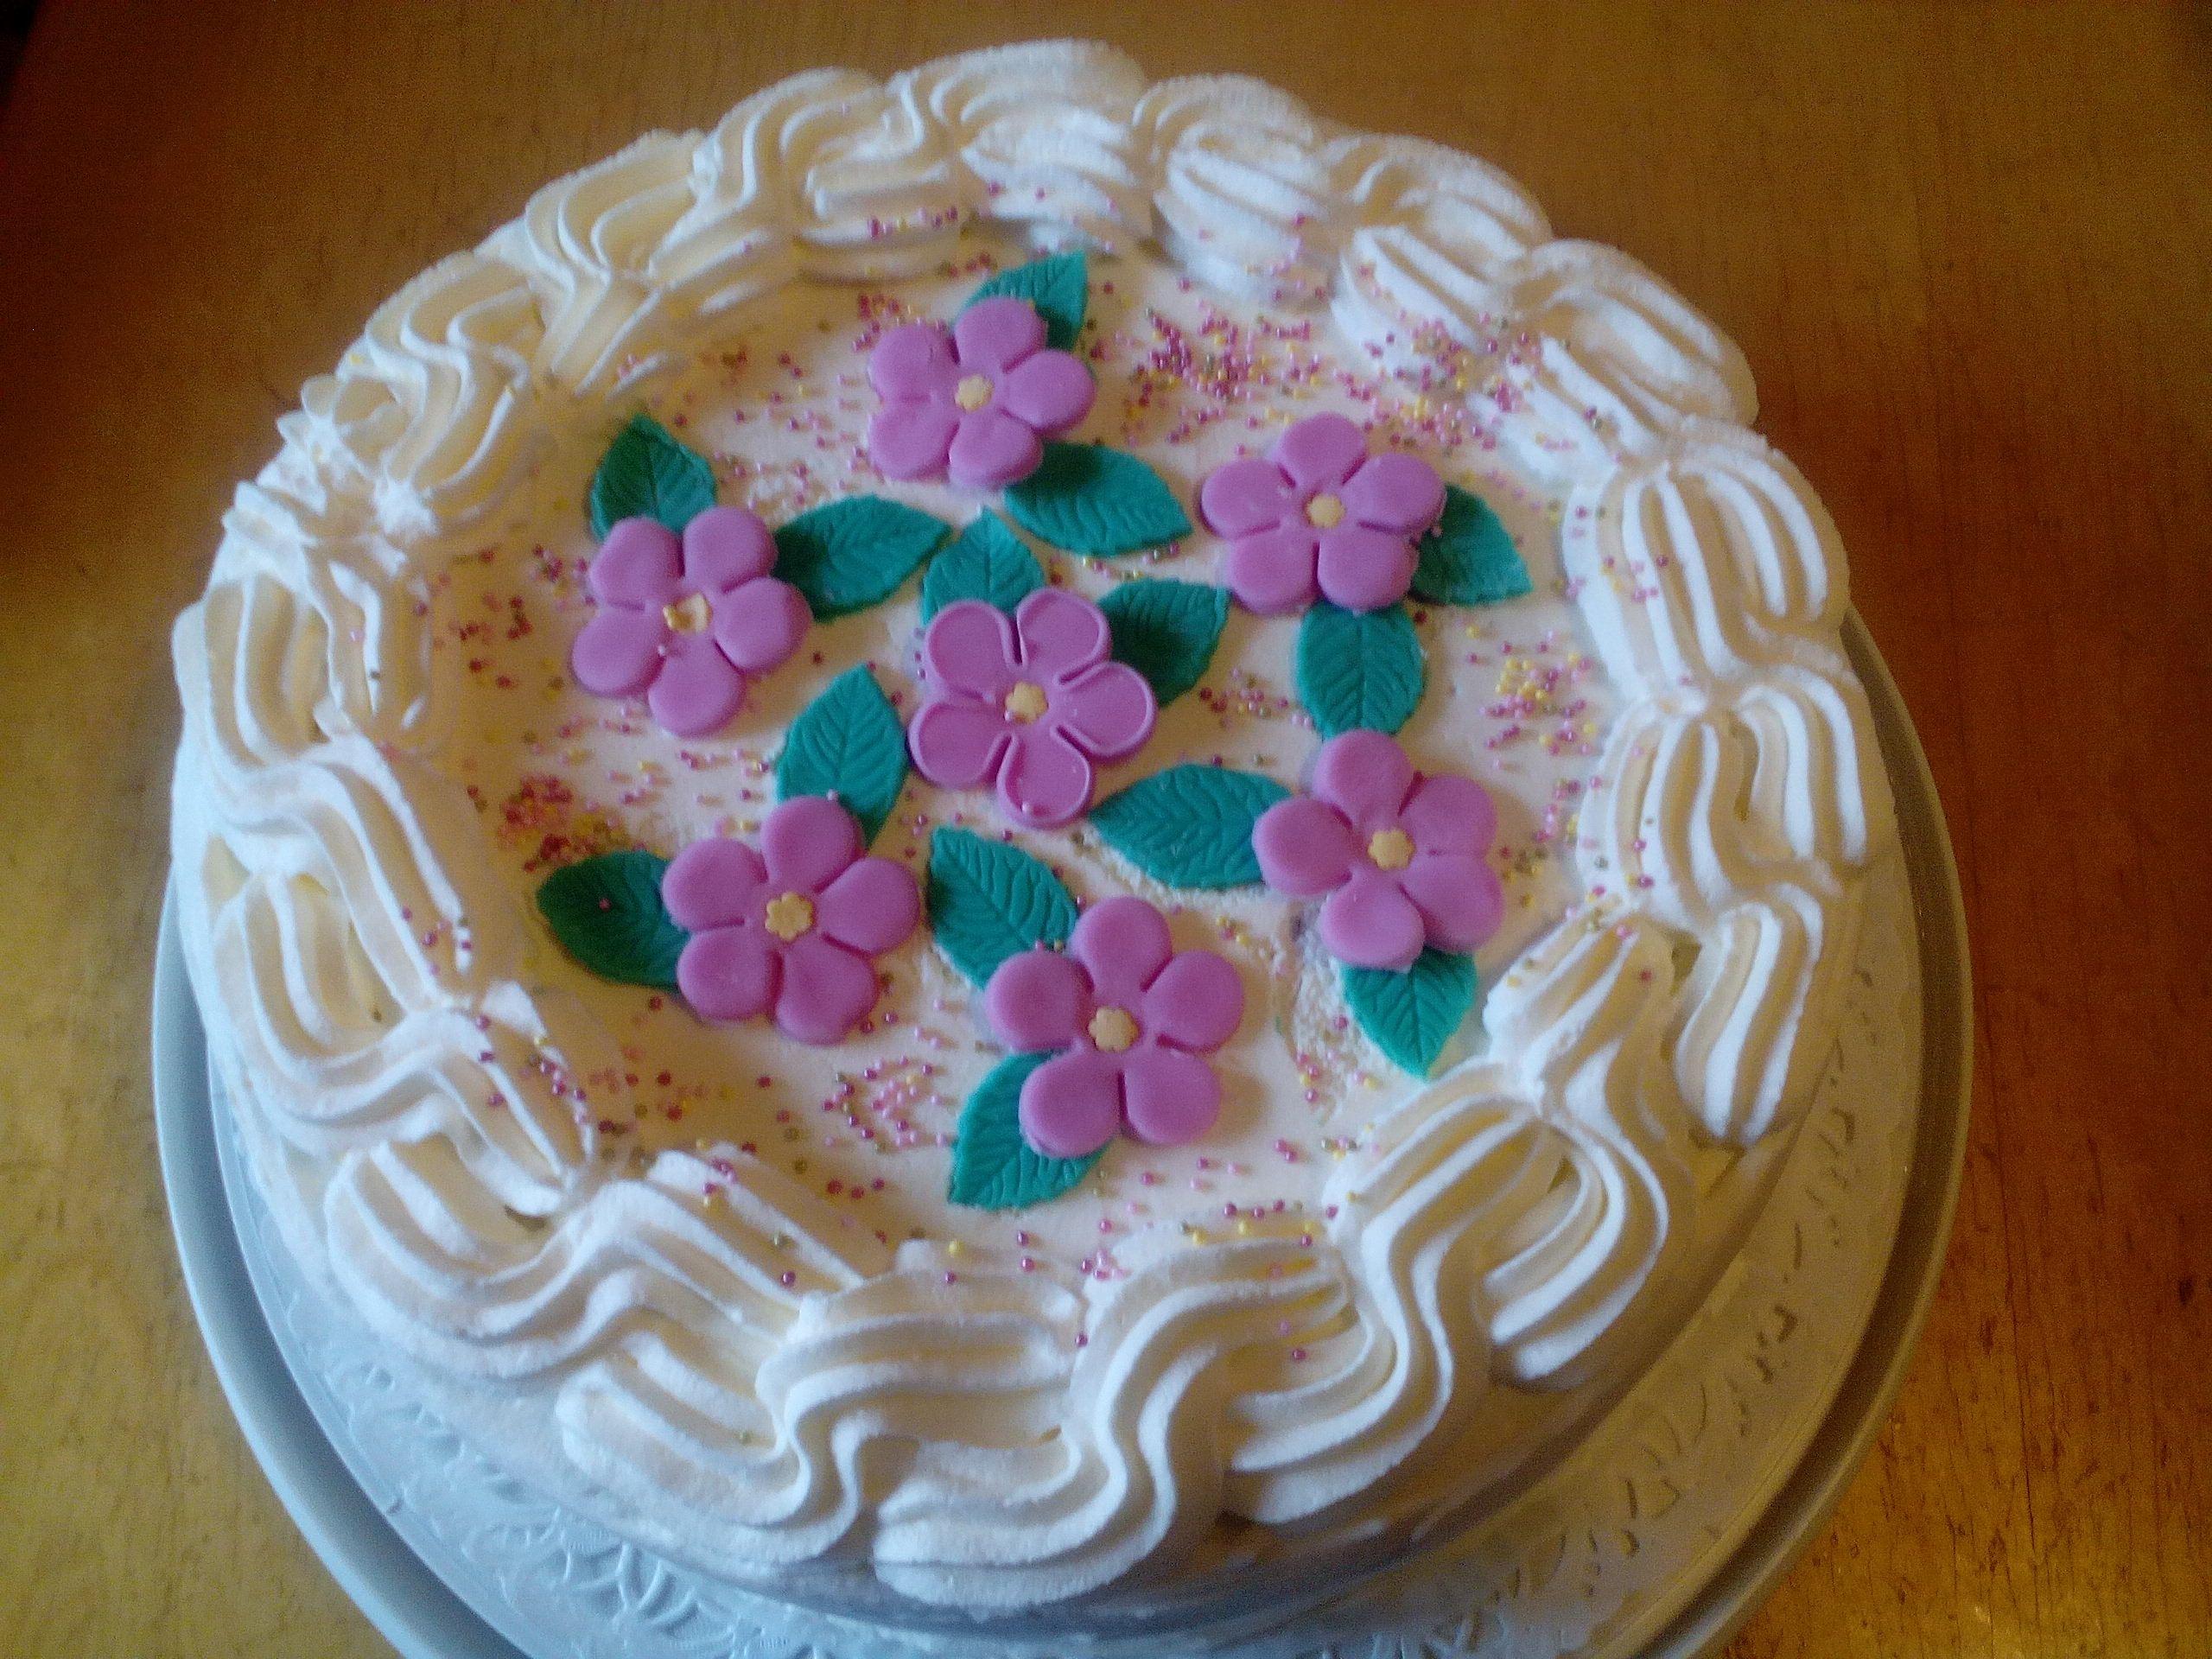 Palvelutalojen Kuunsillan ja koivulan asiakkaille sekä hoitajille kakut! On kiva muistaa välillä heitä kakulla! Kumpaiseenkin paikkaan omat kakut!